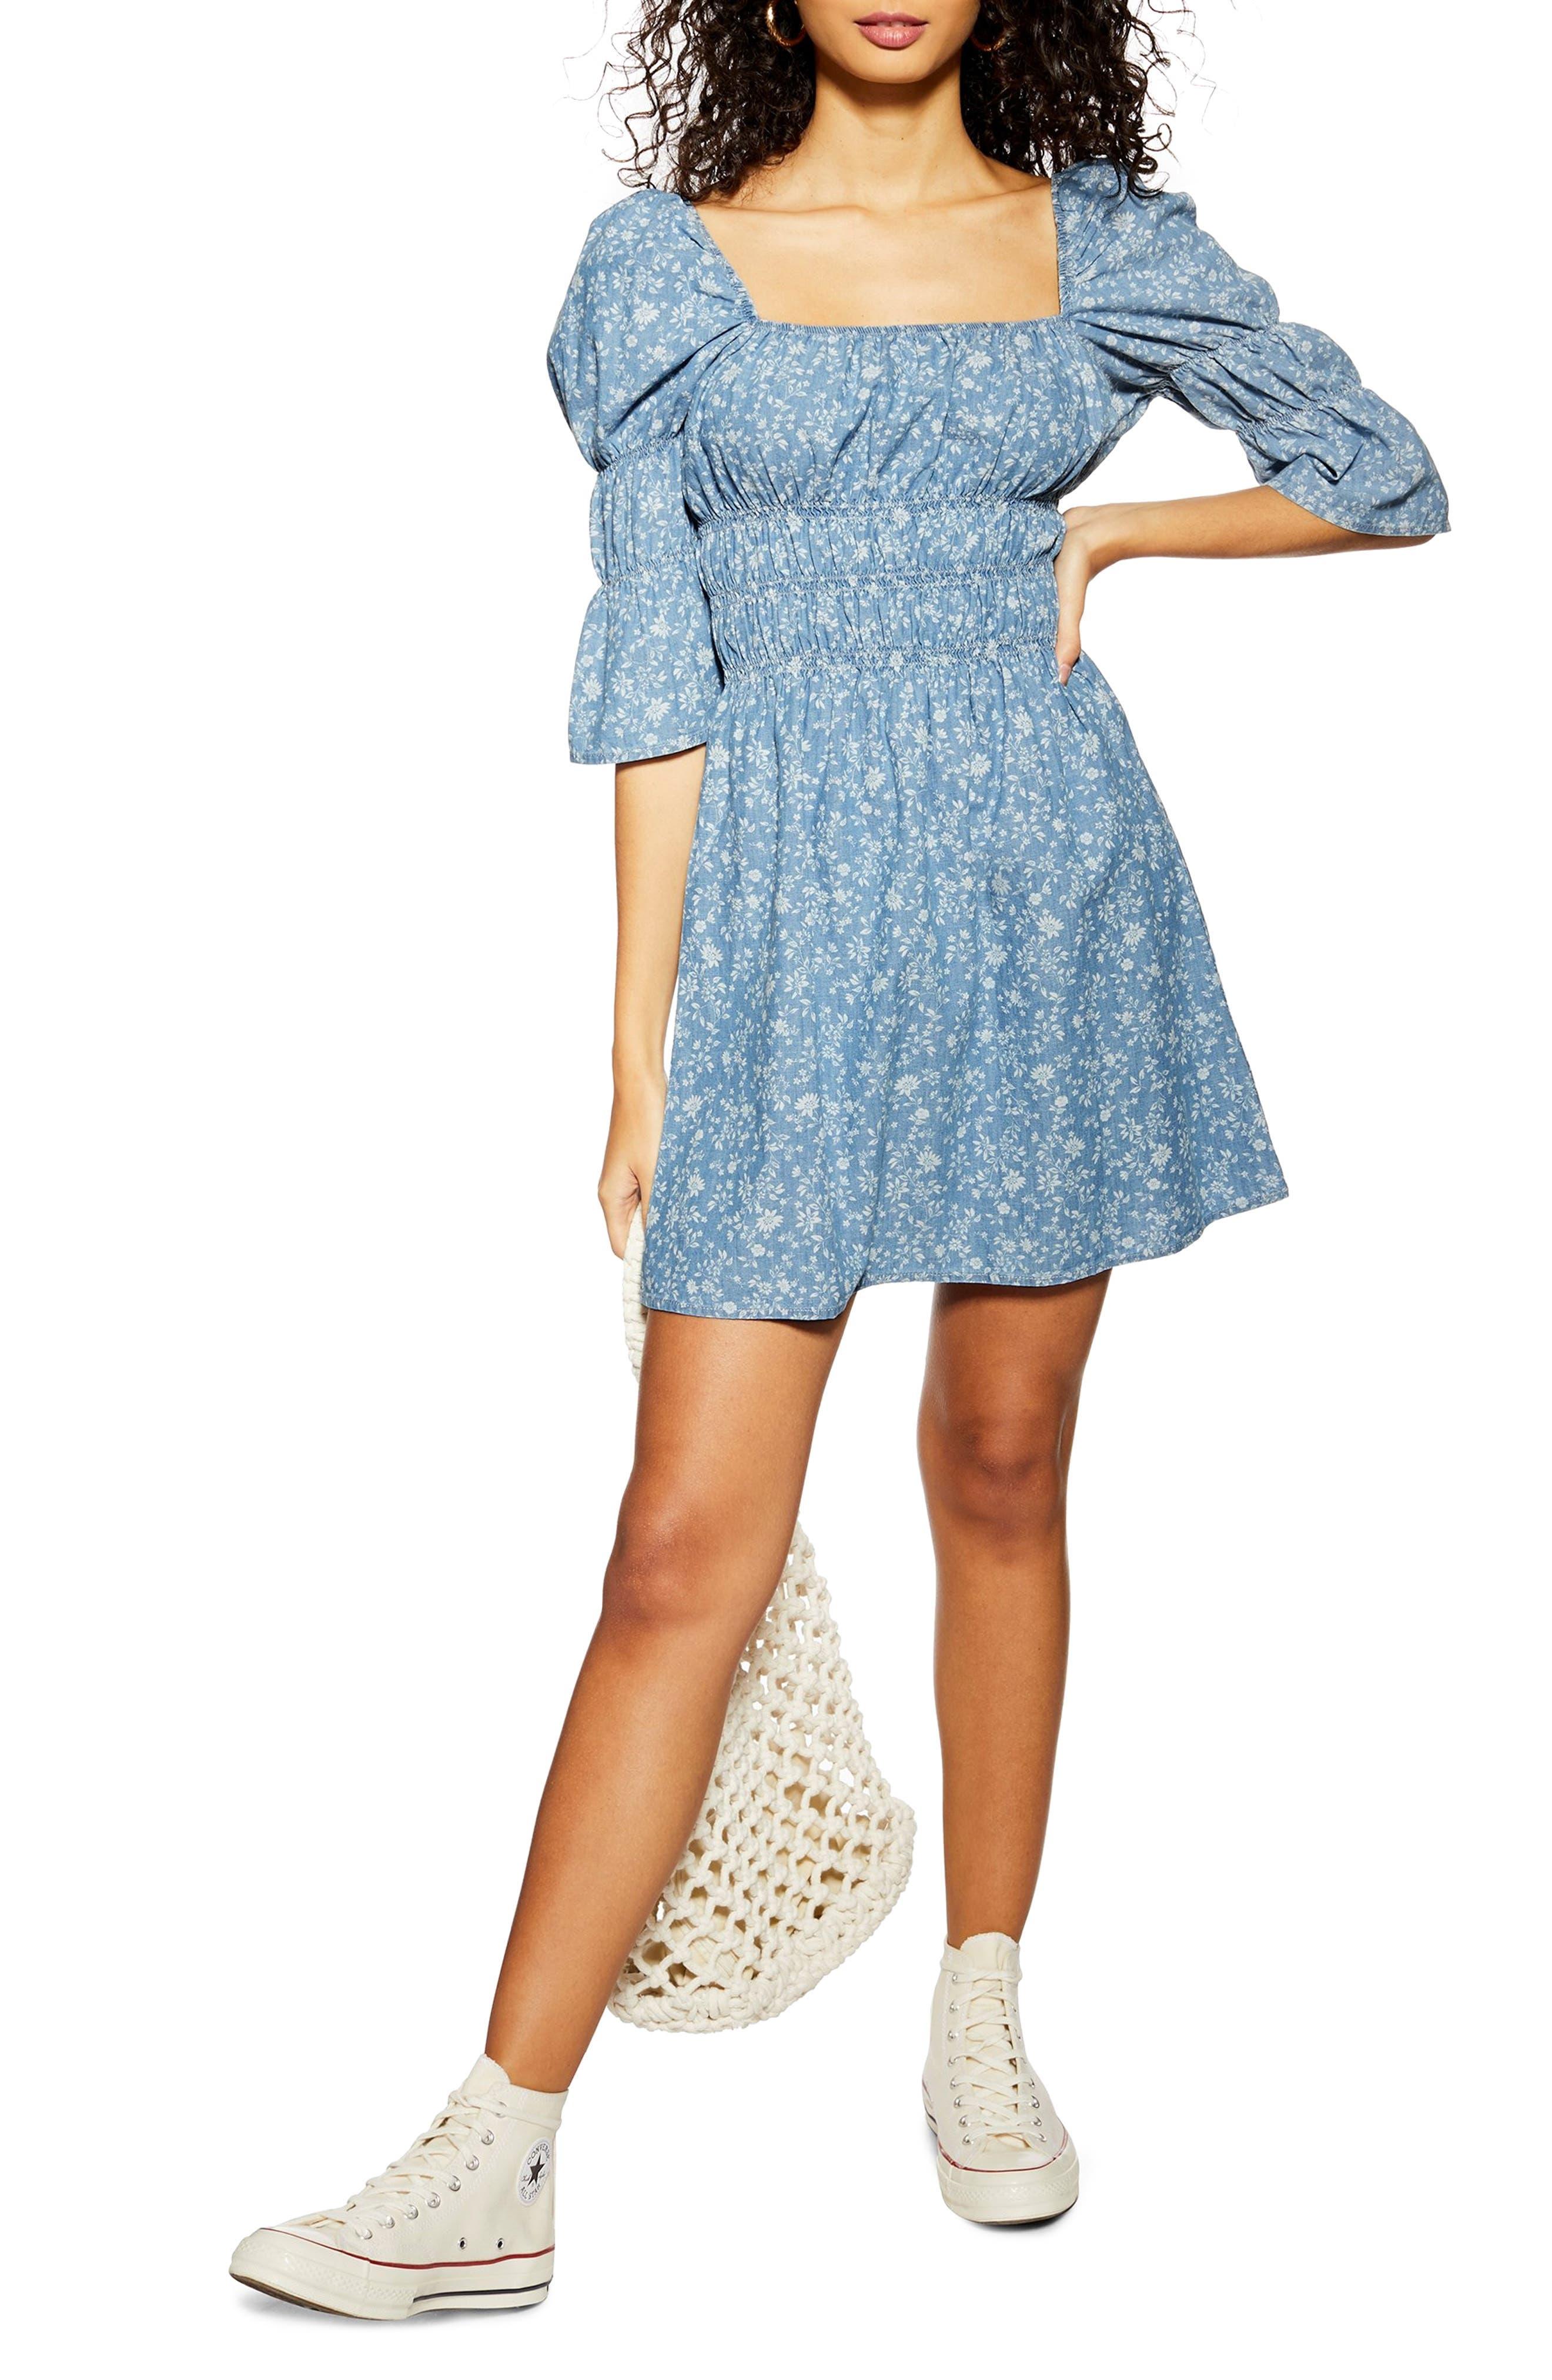 Topshop Shirred Floral Dress, US (fits like 6-8) - Blue